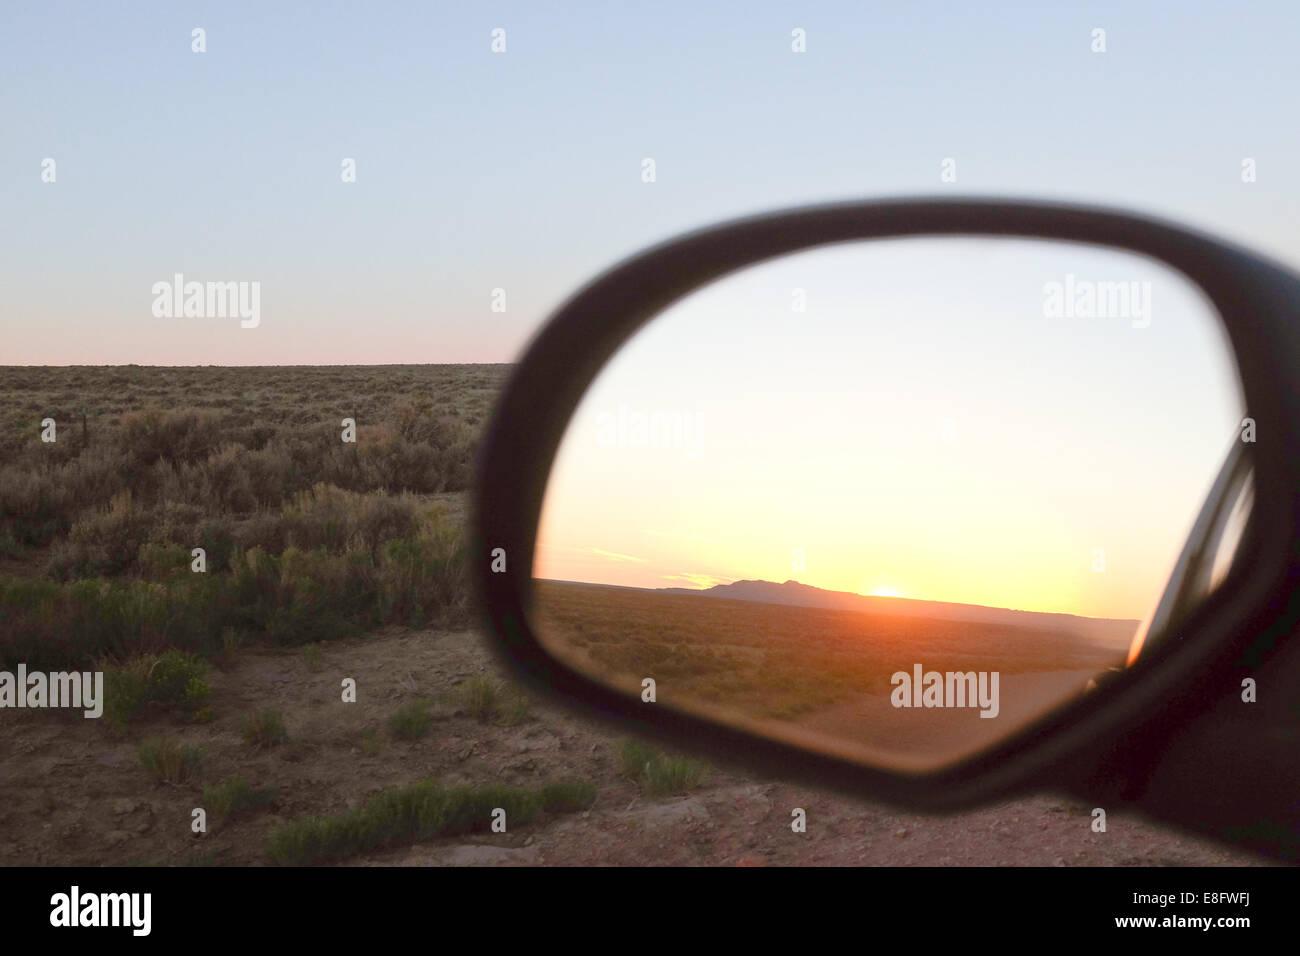 USA, Wyoming, Sonnenuntergang spiegelt sich im Seitenspiegel Stockbild